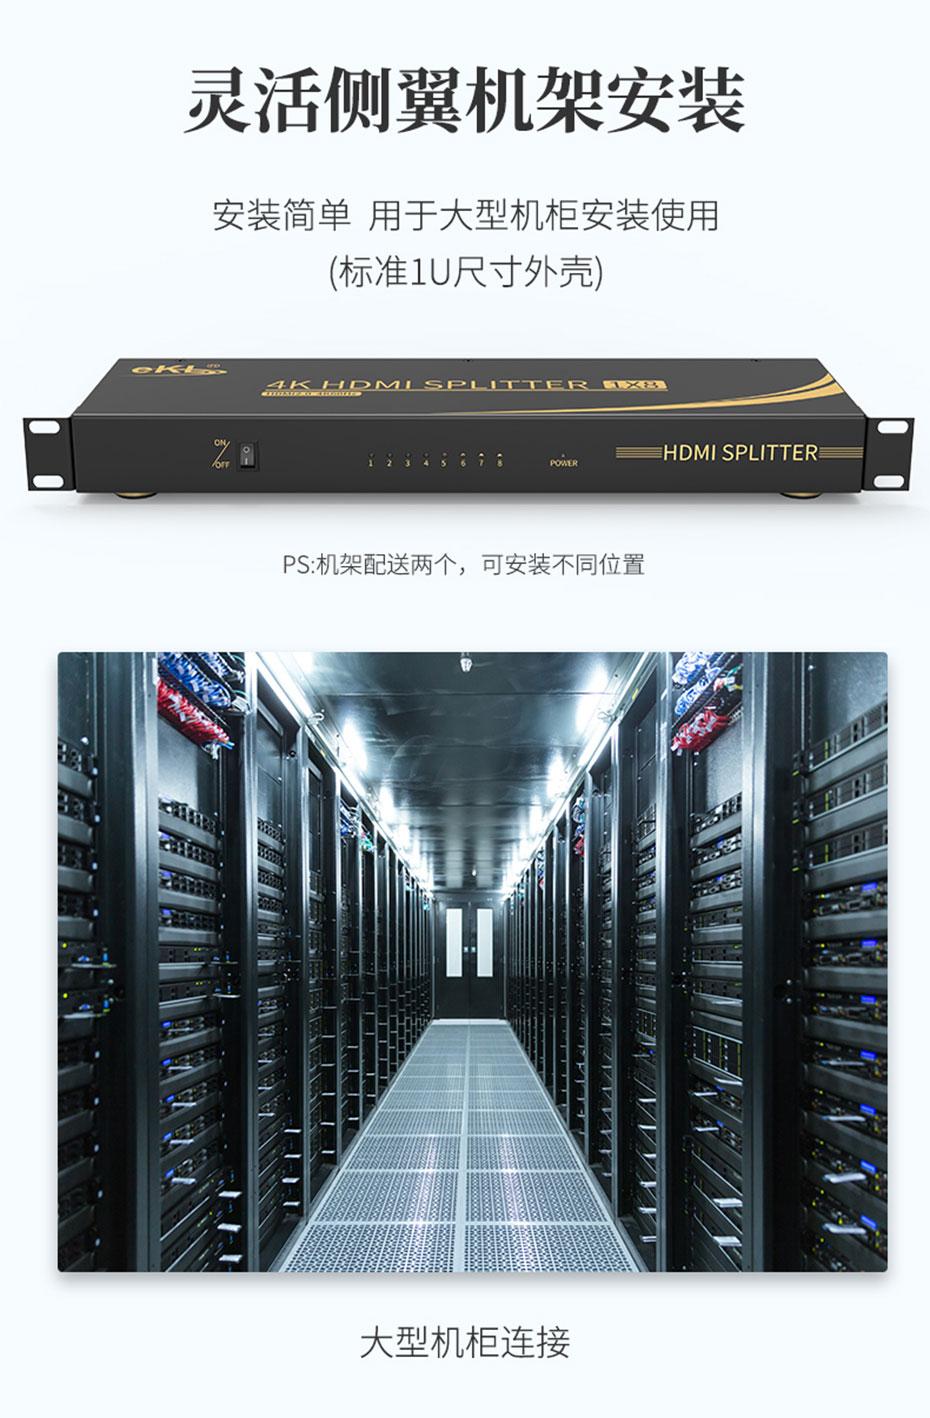 HDMI2.0分配器UH08R支持大型机柜机架式安装